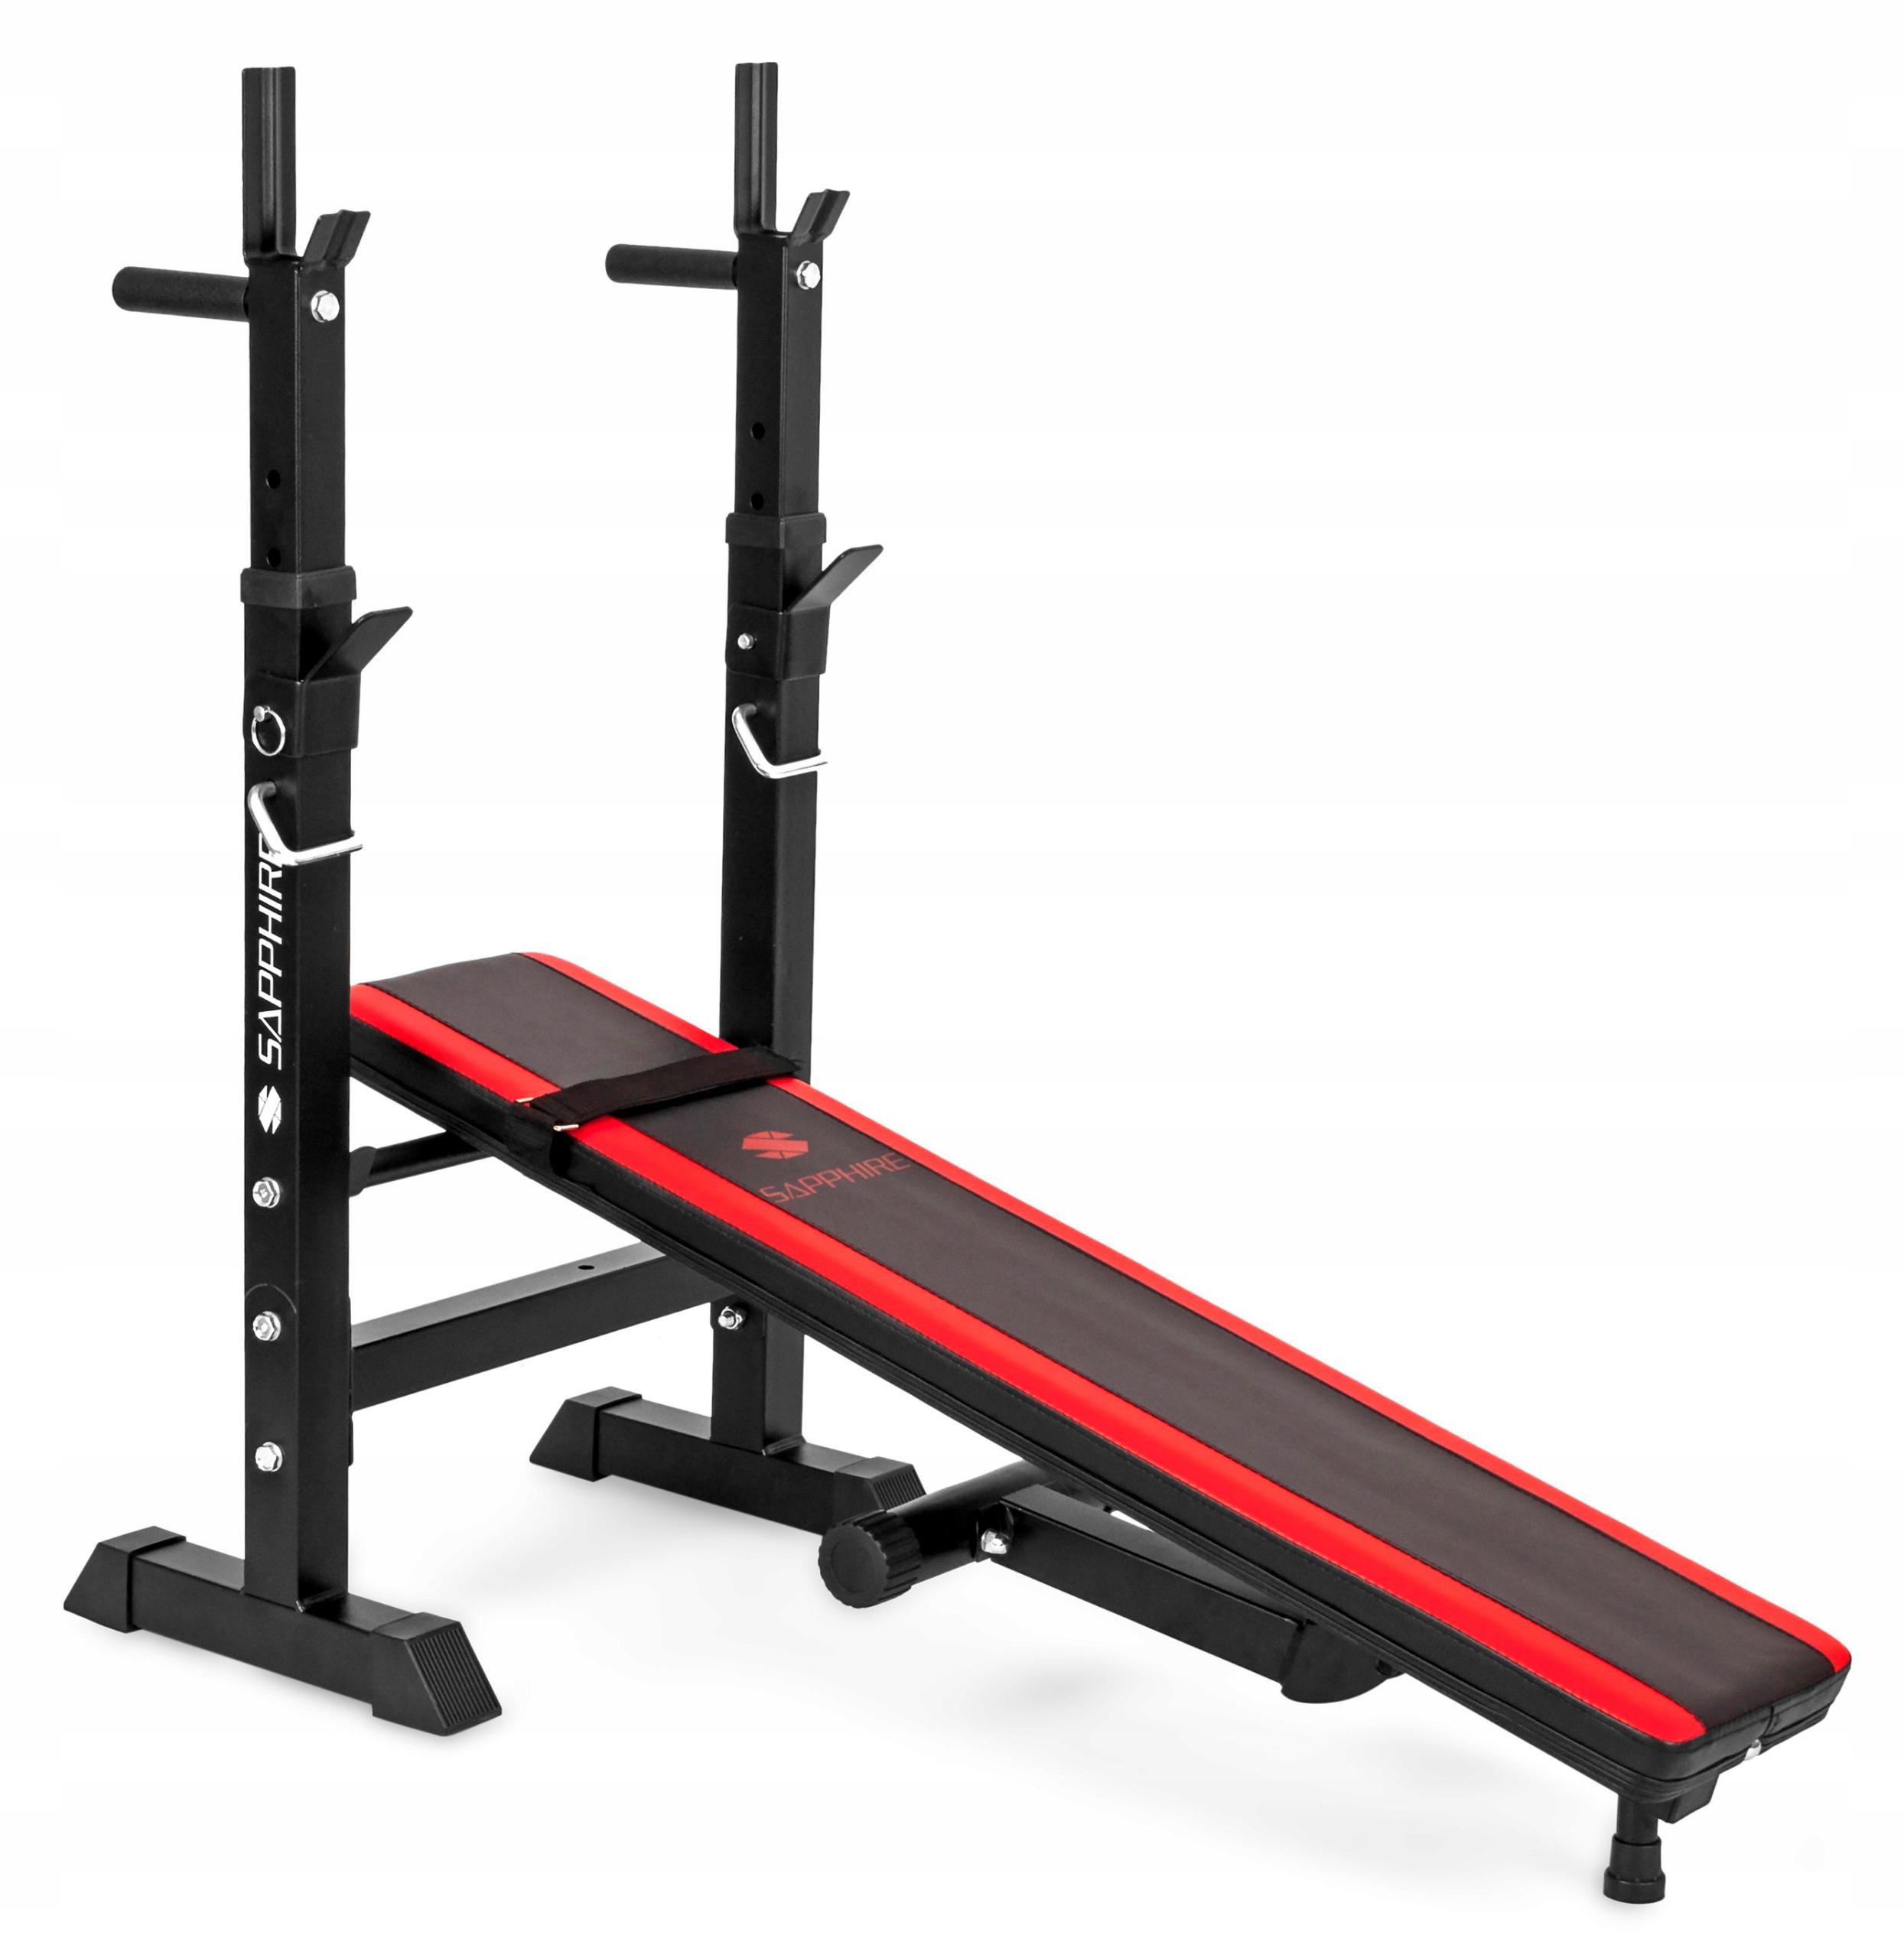 XYLO siłownia 46 kg zestaw ŁAWKA+GRYF+OBCIĄŻENIA Marka Xylo